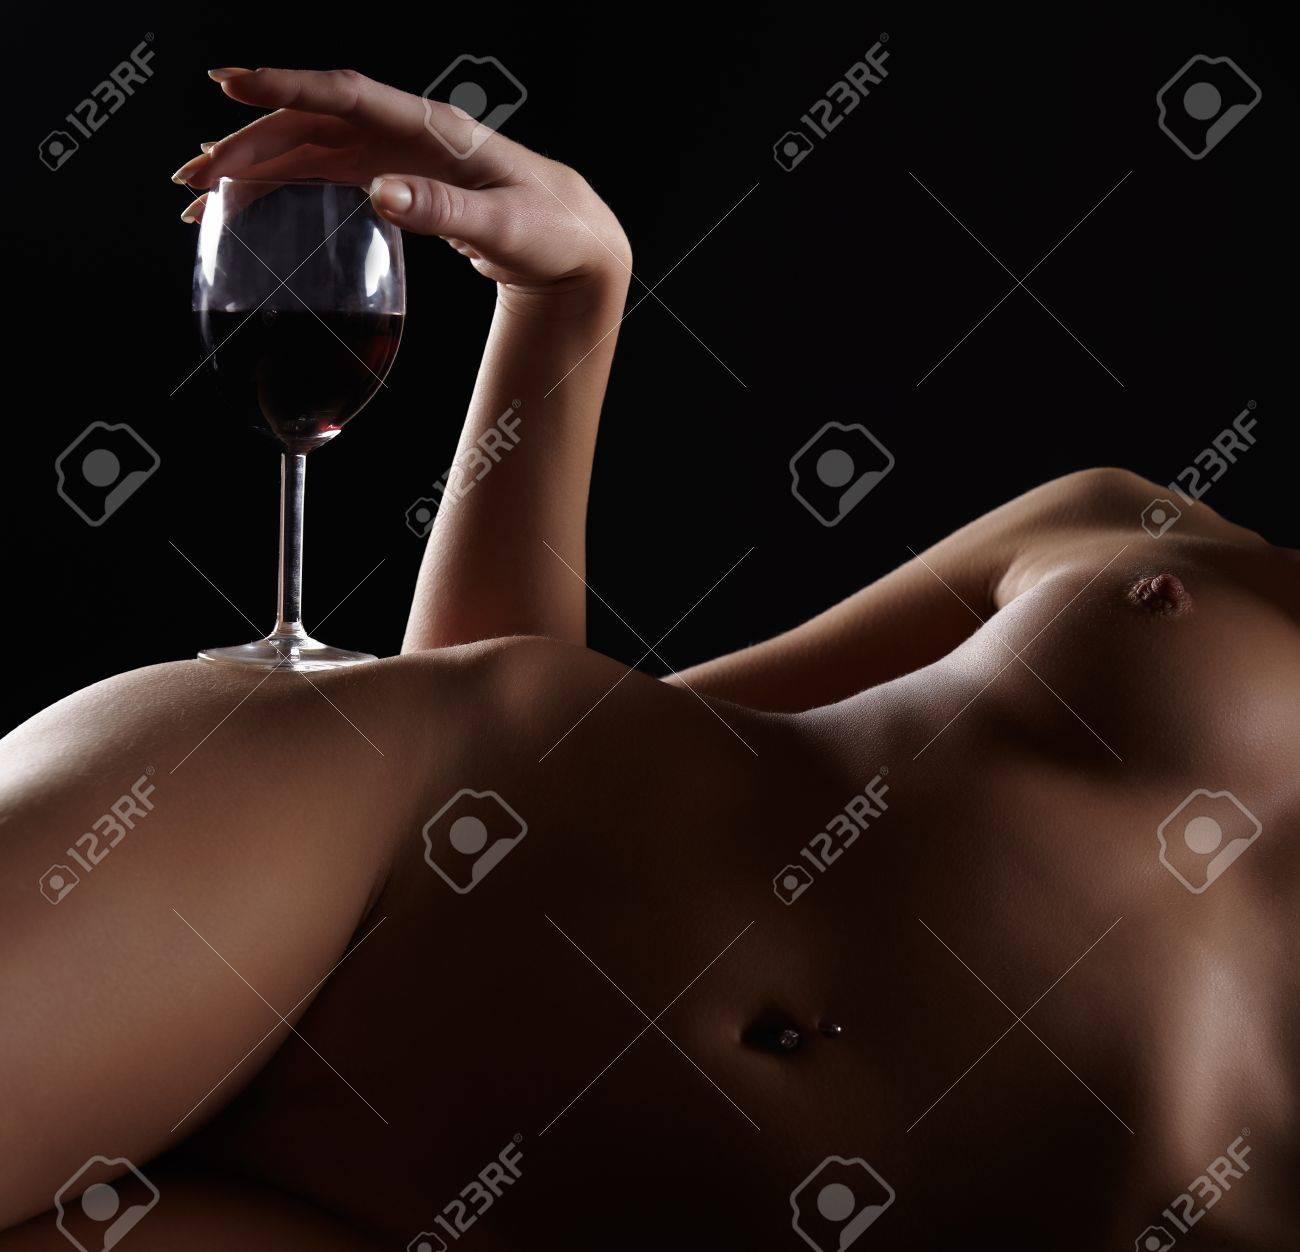 smotret-foto-golih-armyanok